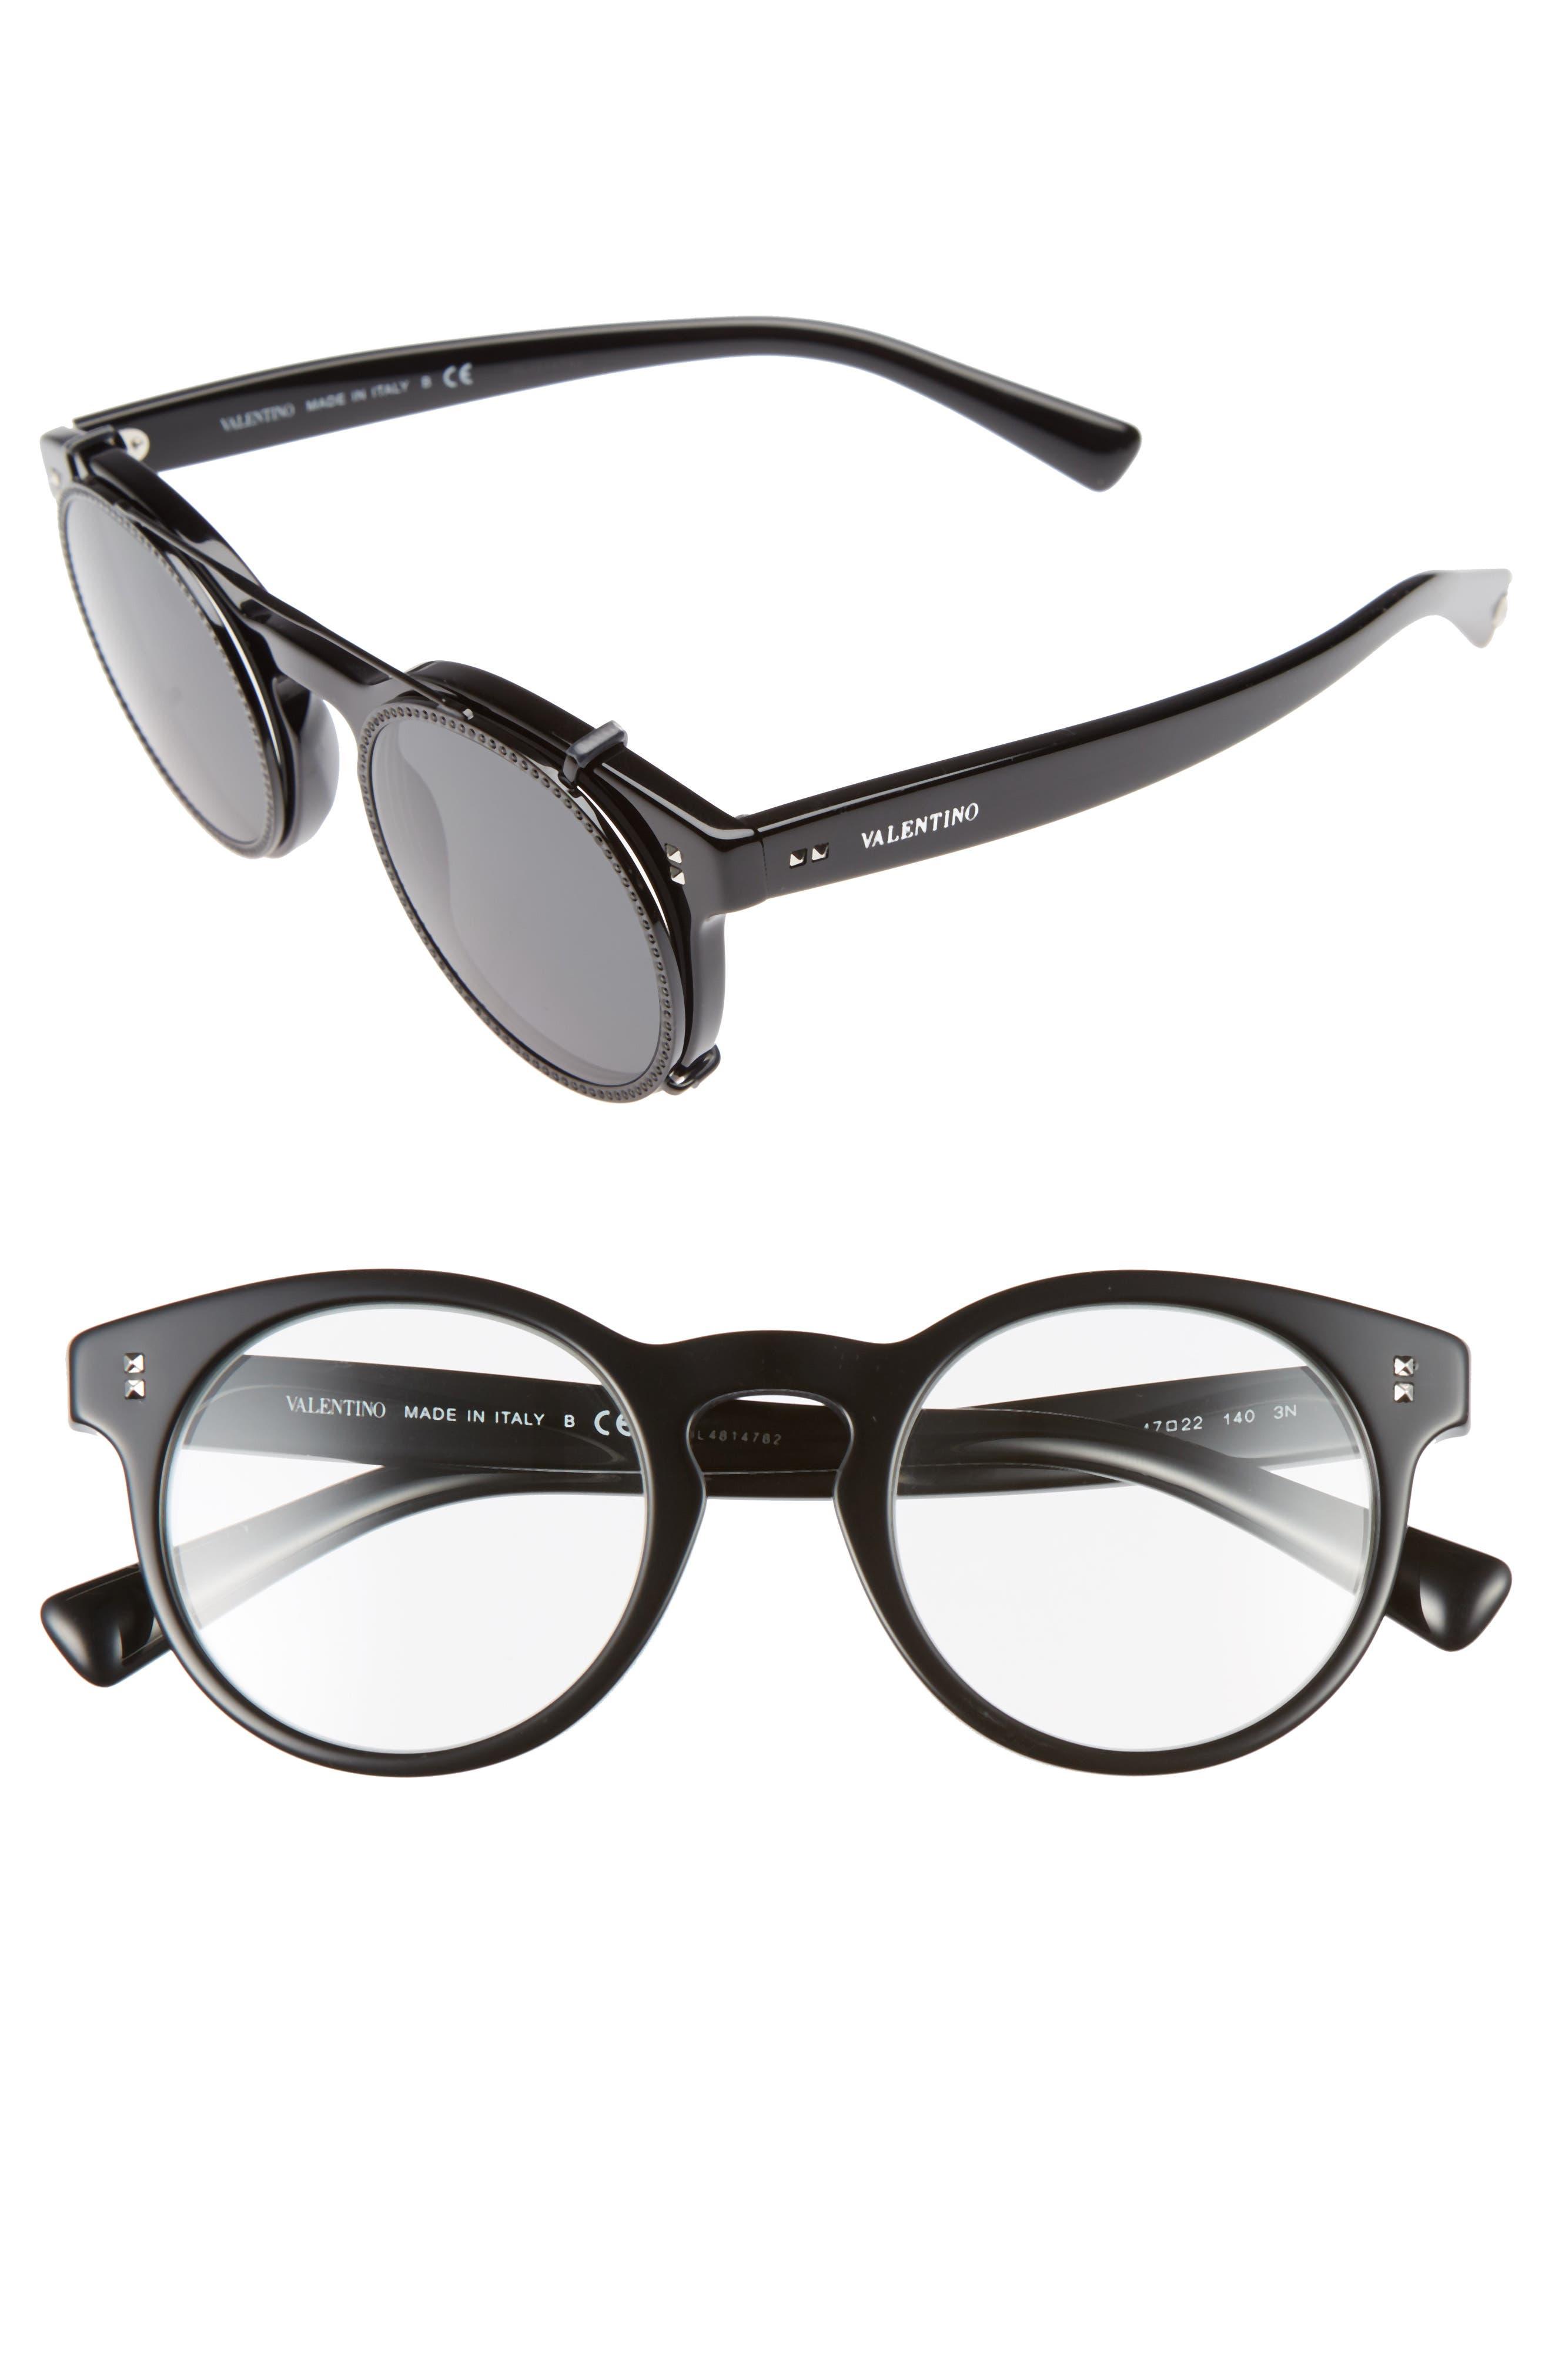 VALENTINO GARAVANI Valentino 47mm Round Sunglasses